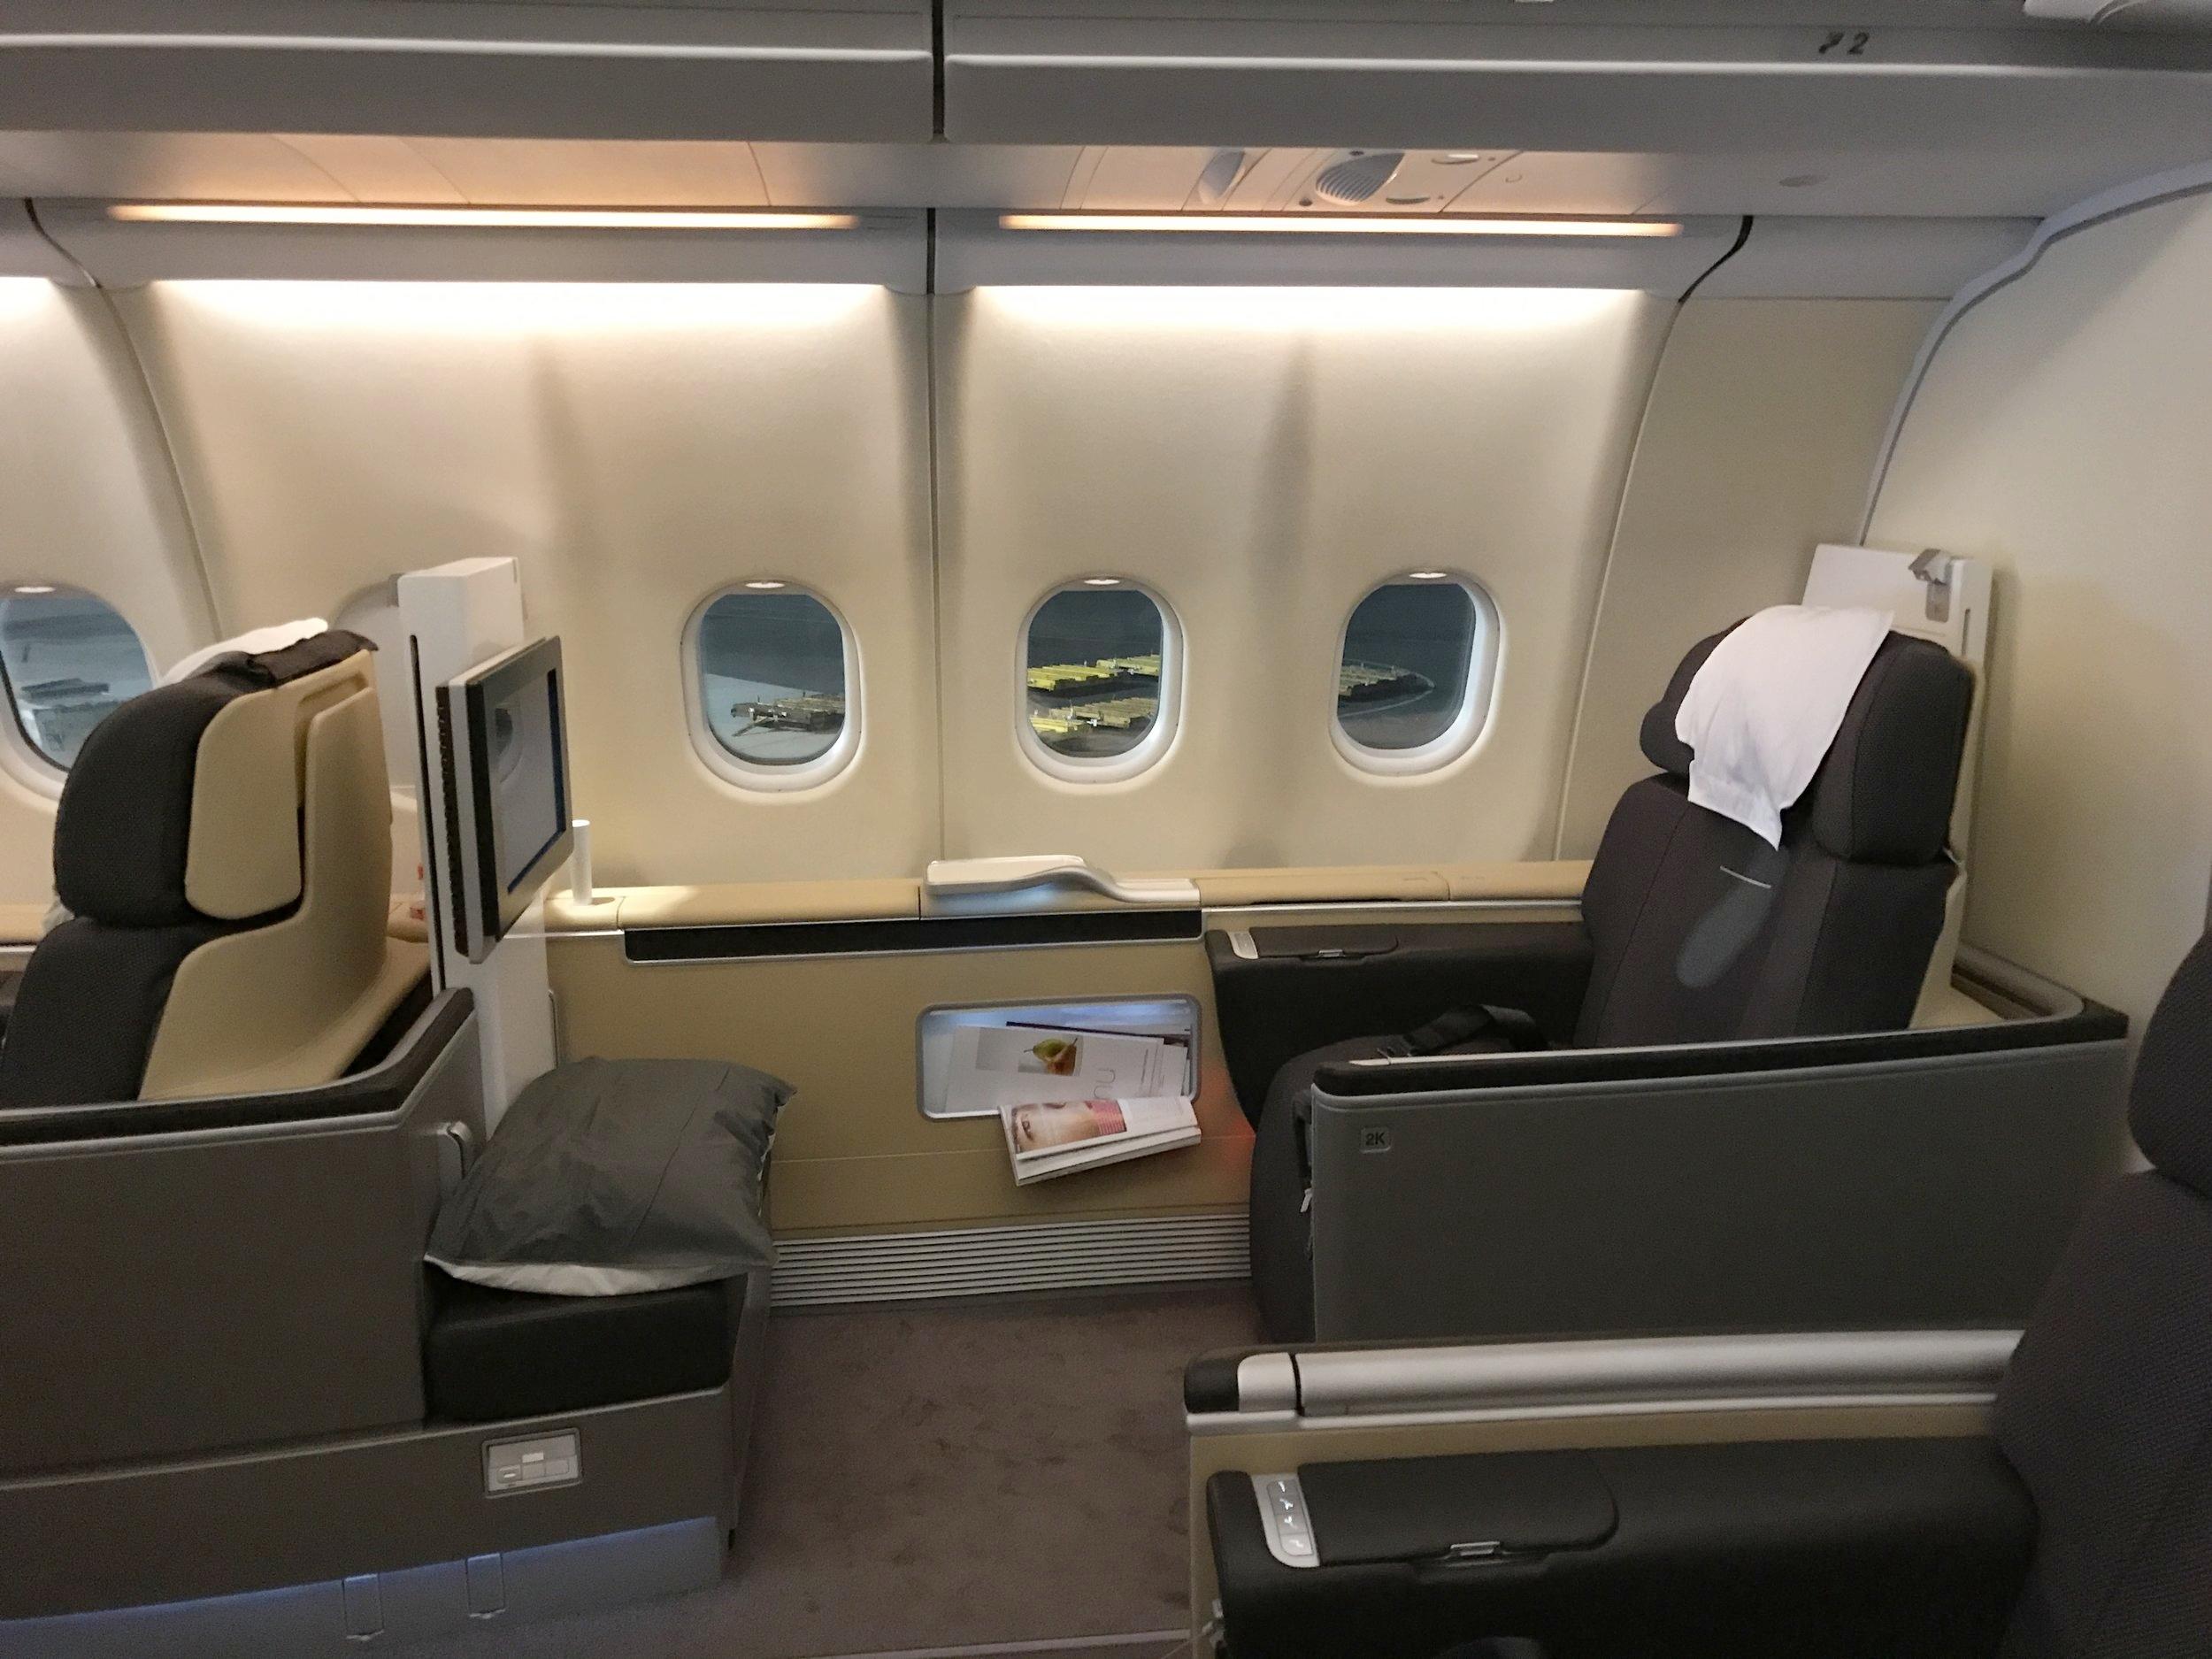 Lufthansa First Class – Seat 2K